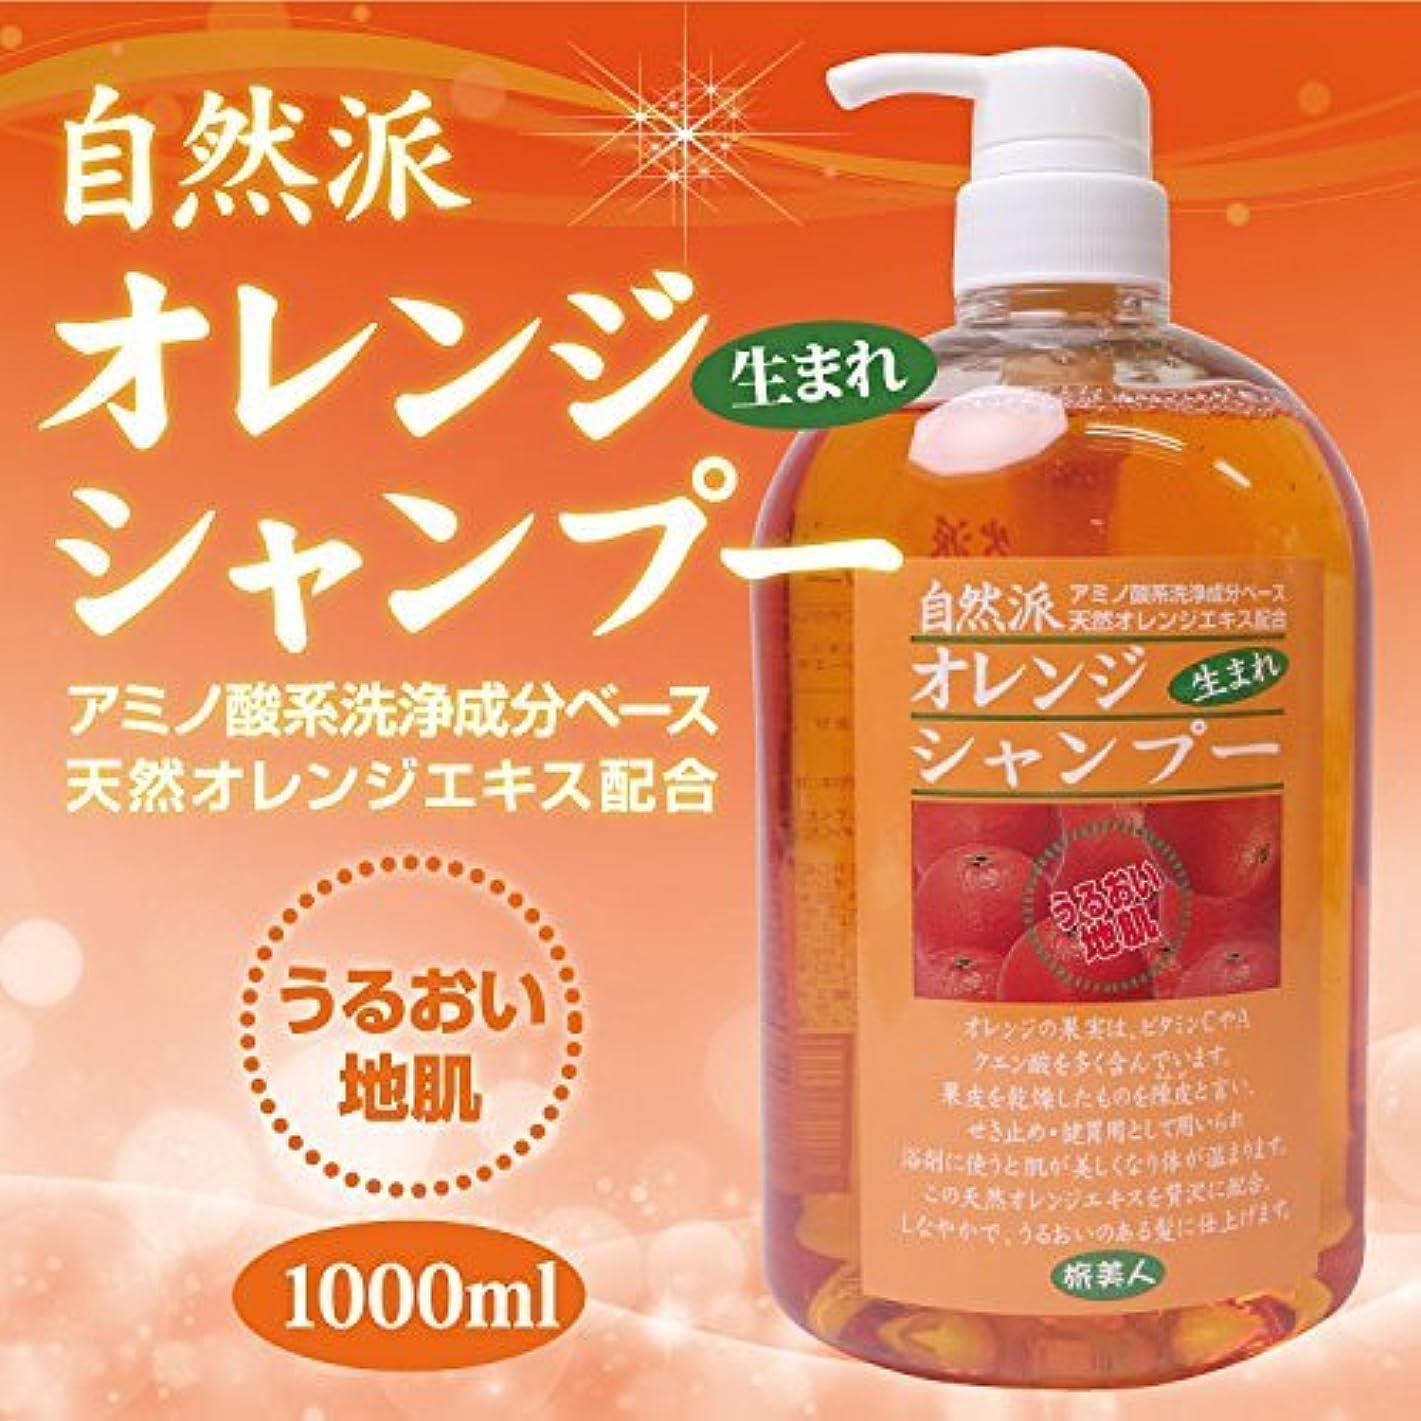 びん事実エスニックアズマ商事の 自然派 オレンジシャンプー 1000ml